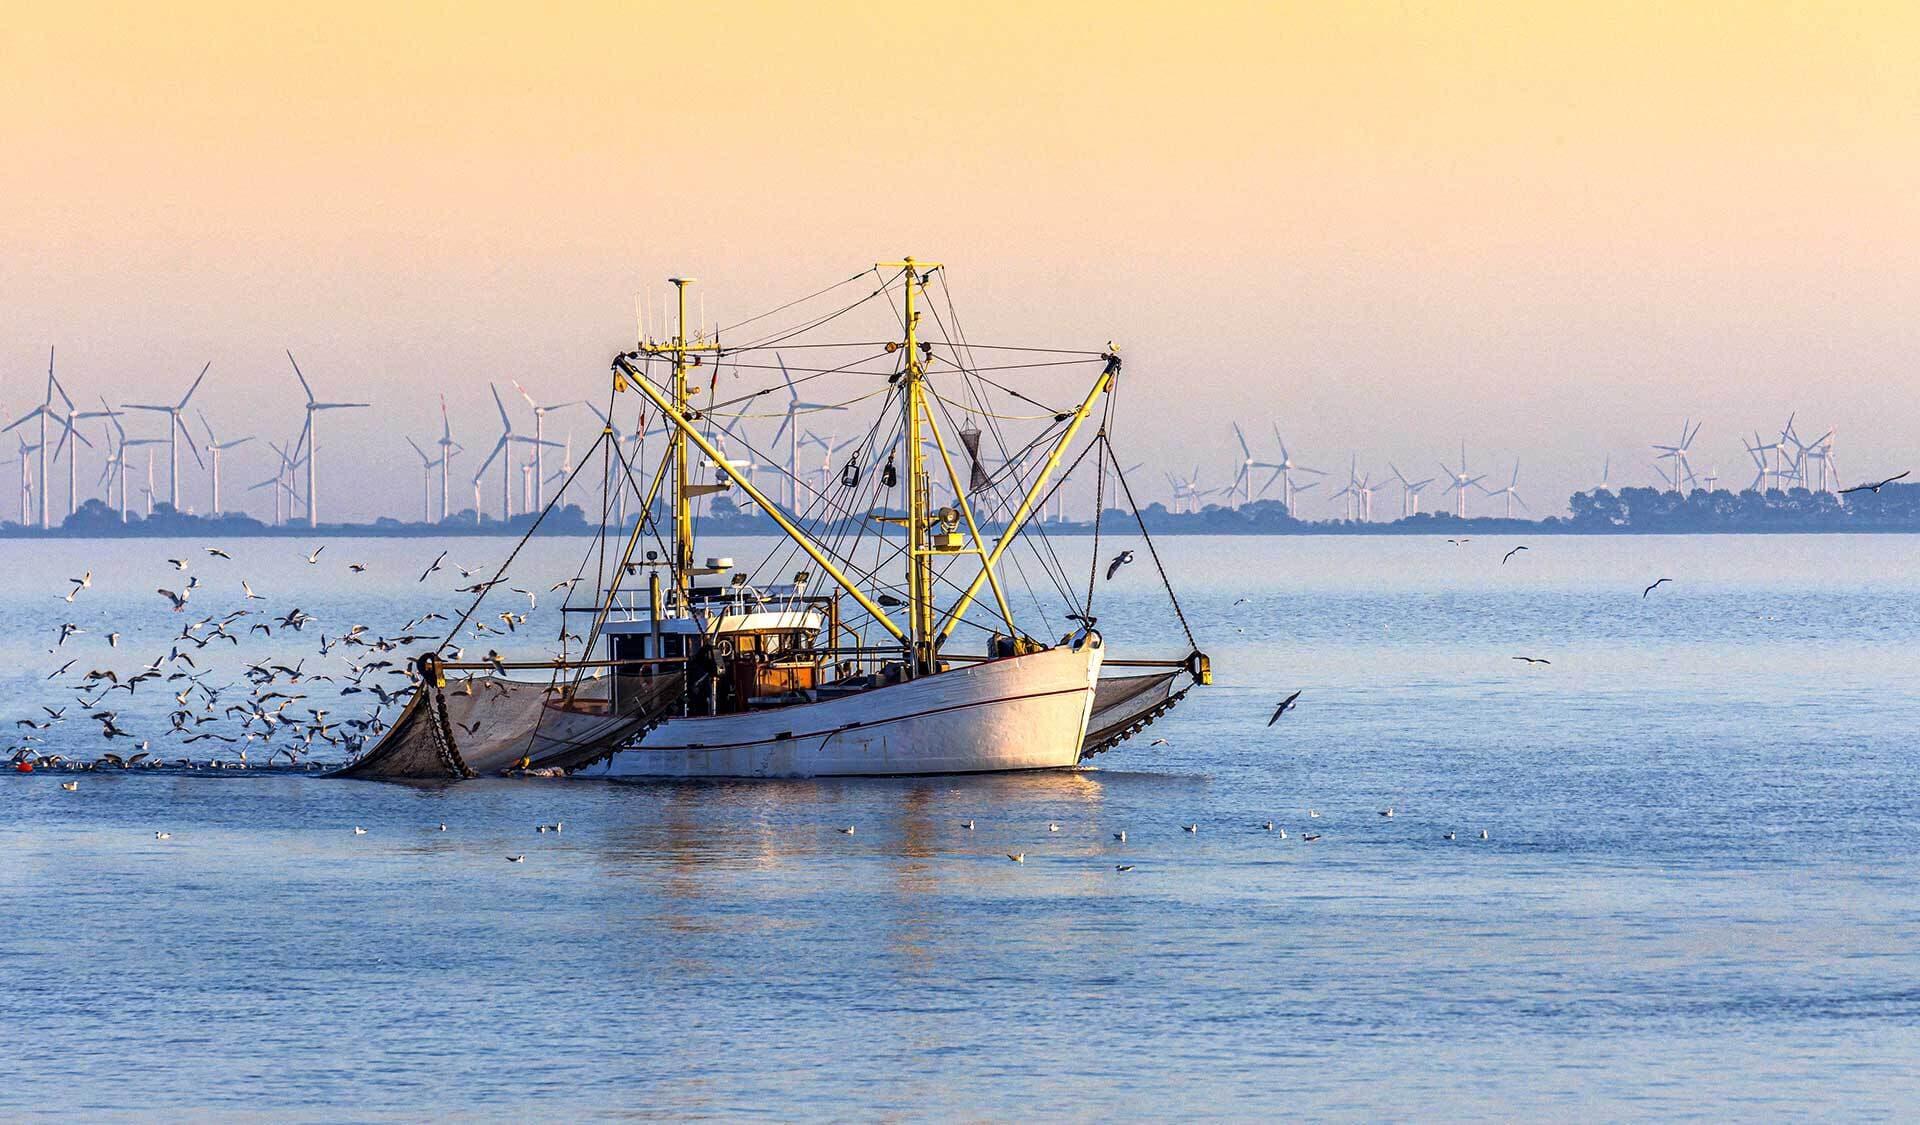 Fischkutter mit Grundschleppnetzen auf dem Meer